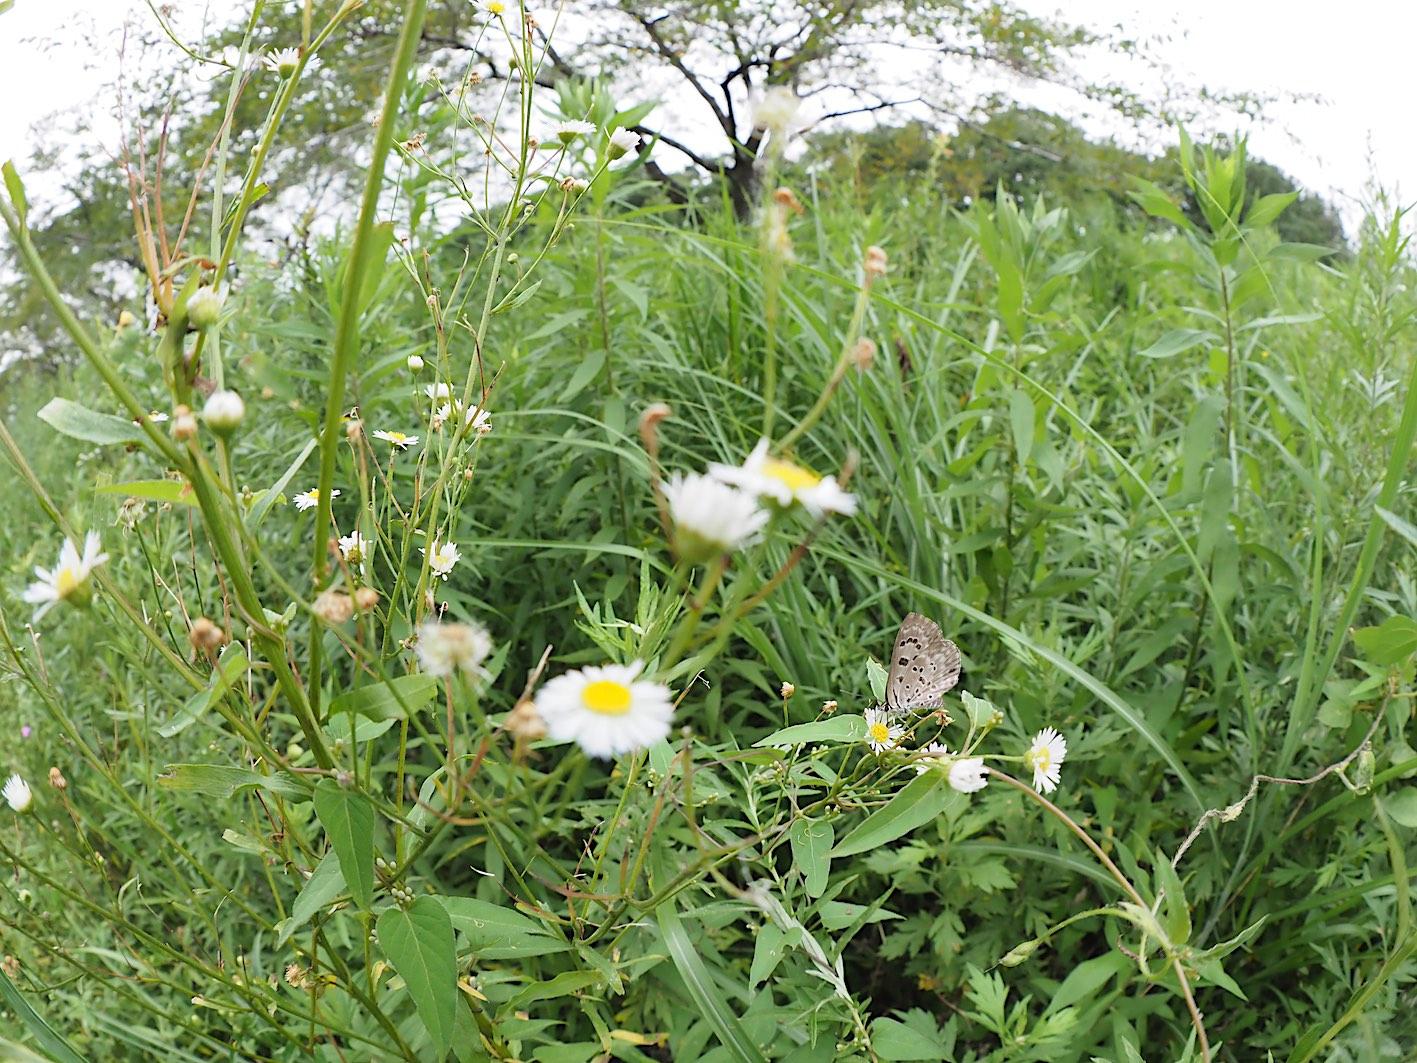 クロシジミ&クロシジミの幼虫(2019年8月27日)_d0303129_424195.jpg